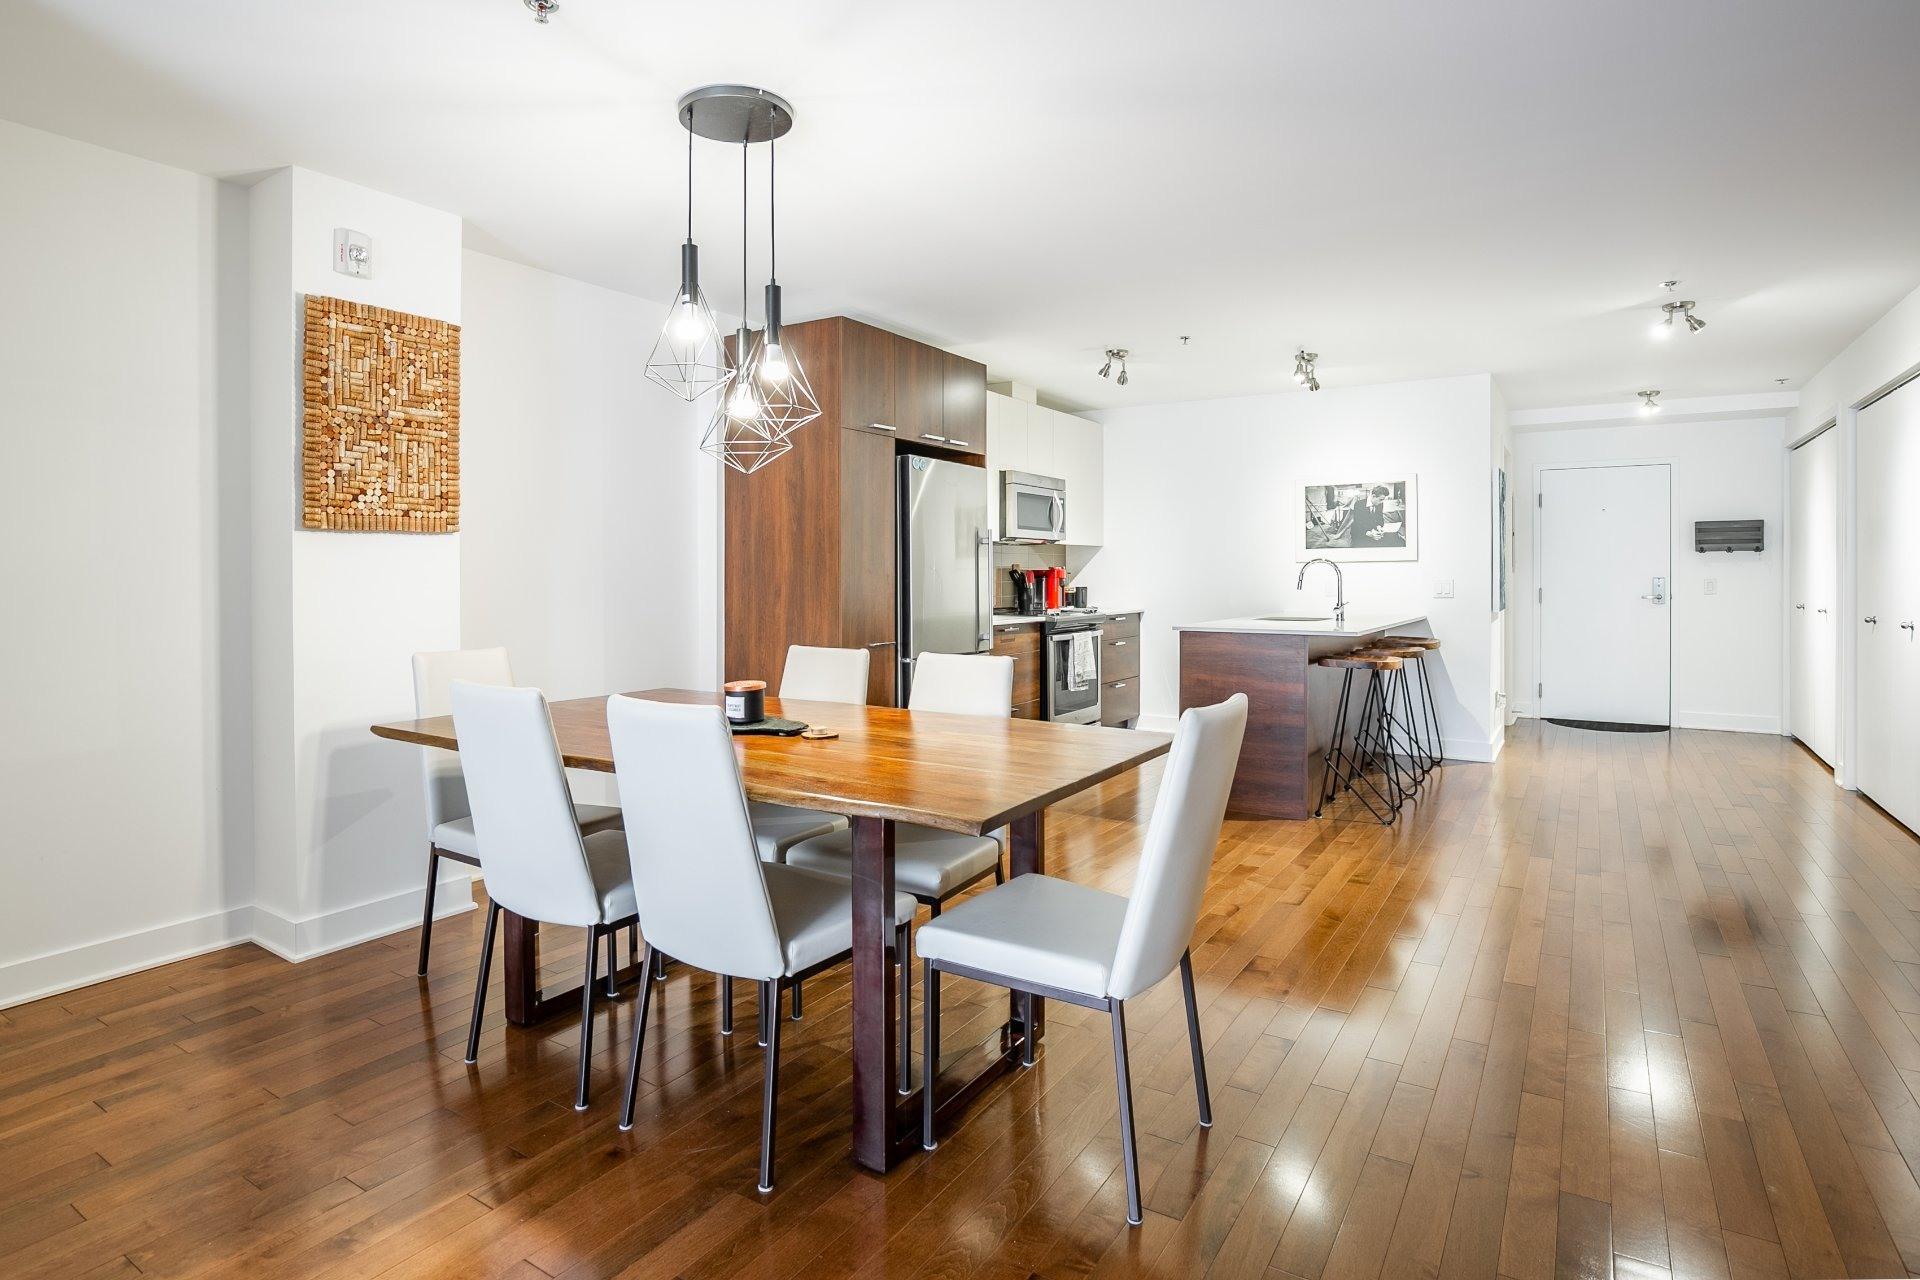 image 9 - Appartement À vendre Ahuntsic-Cartierville Montréal  - 5 pièces